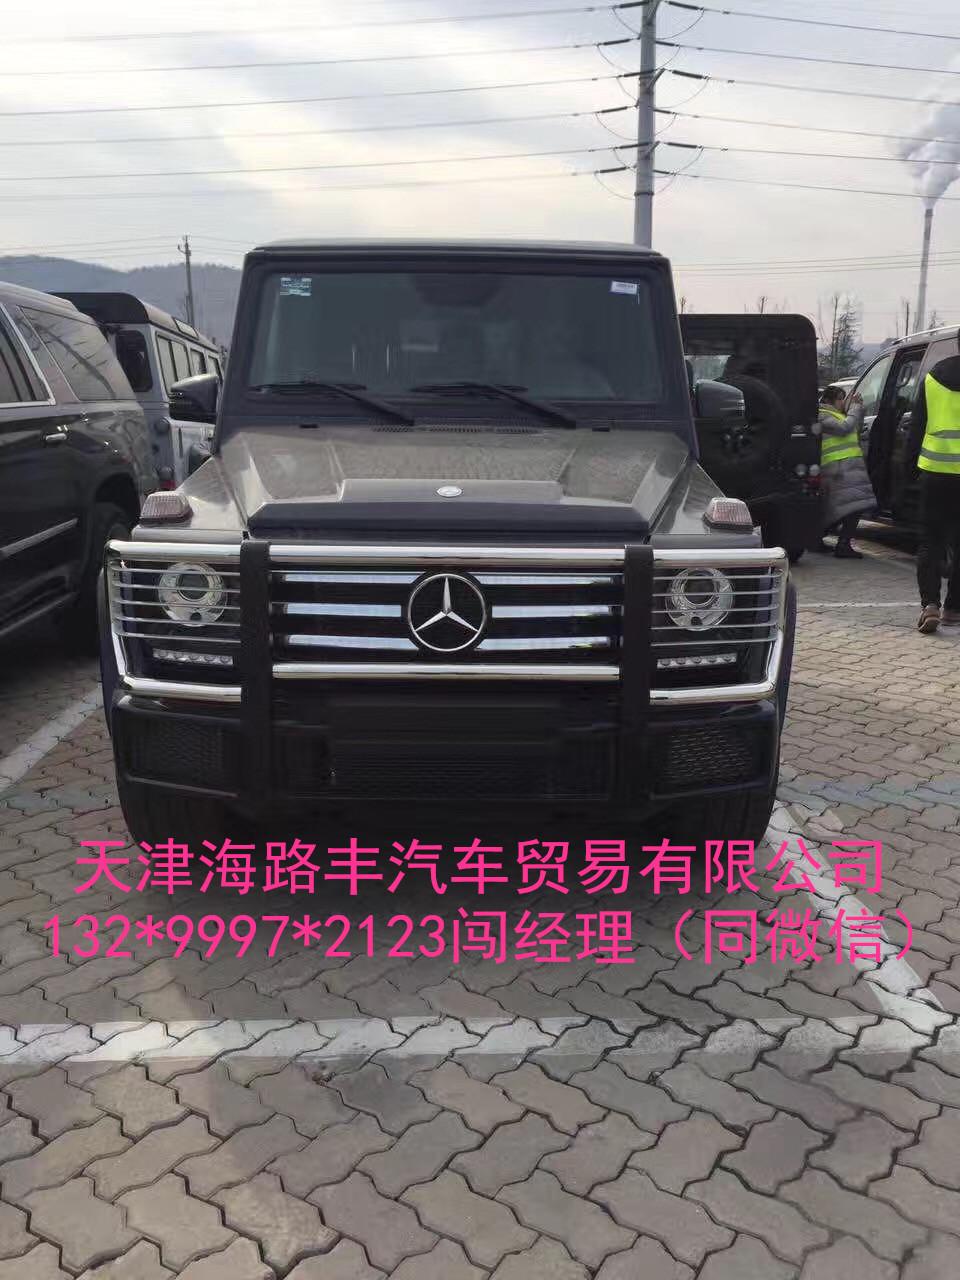 2017款奔驰g500 卖全国无消费税缤纷特惠 - 微信奴